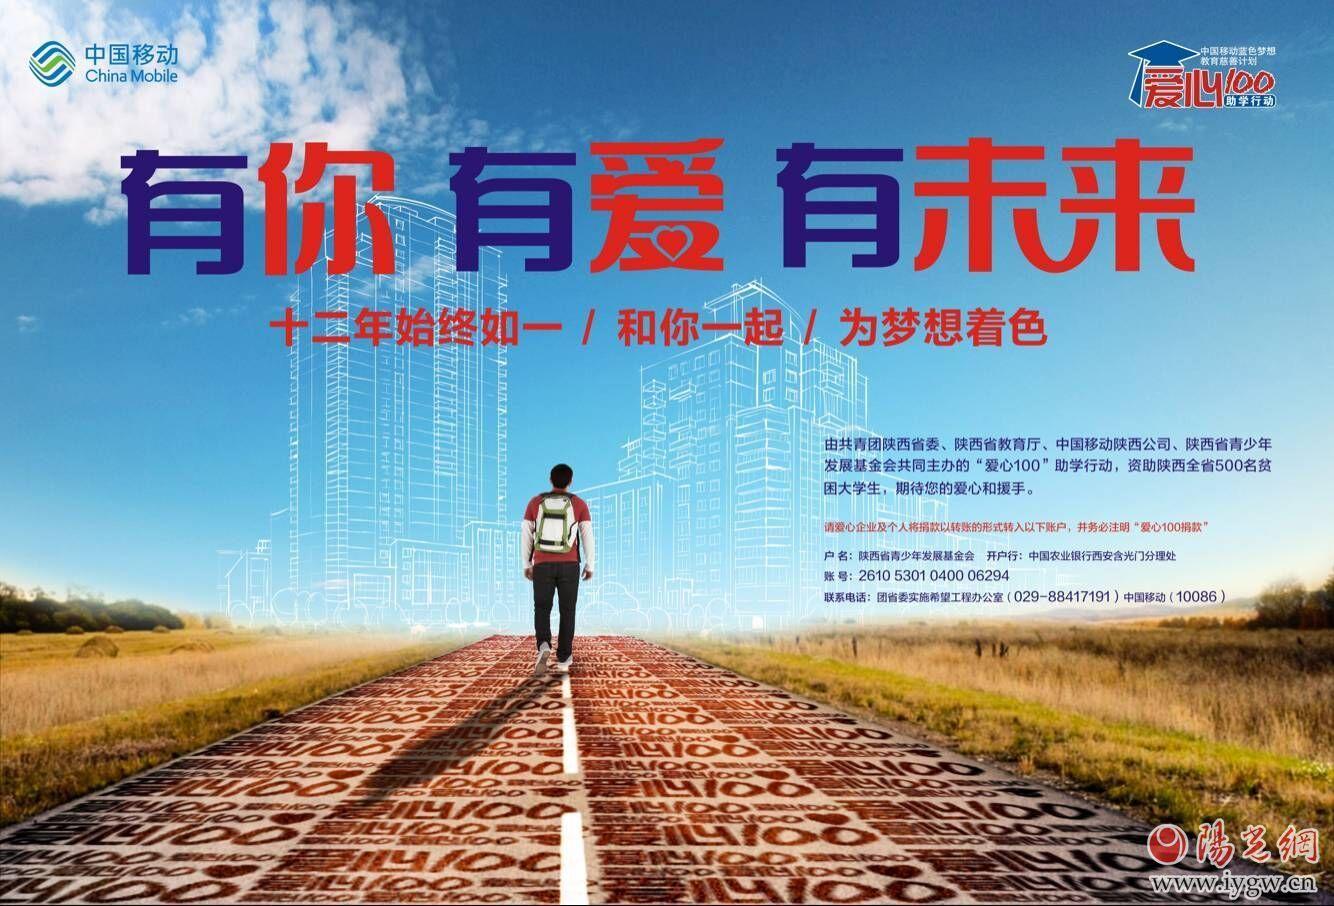 中国移动陕西公司启动2017年\